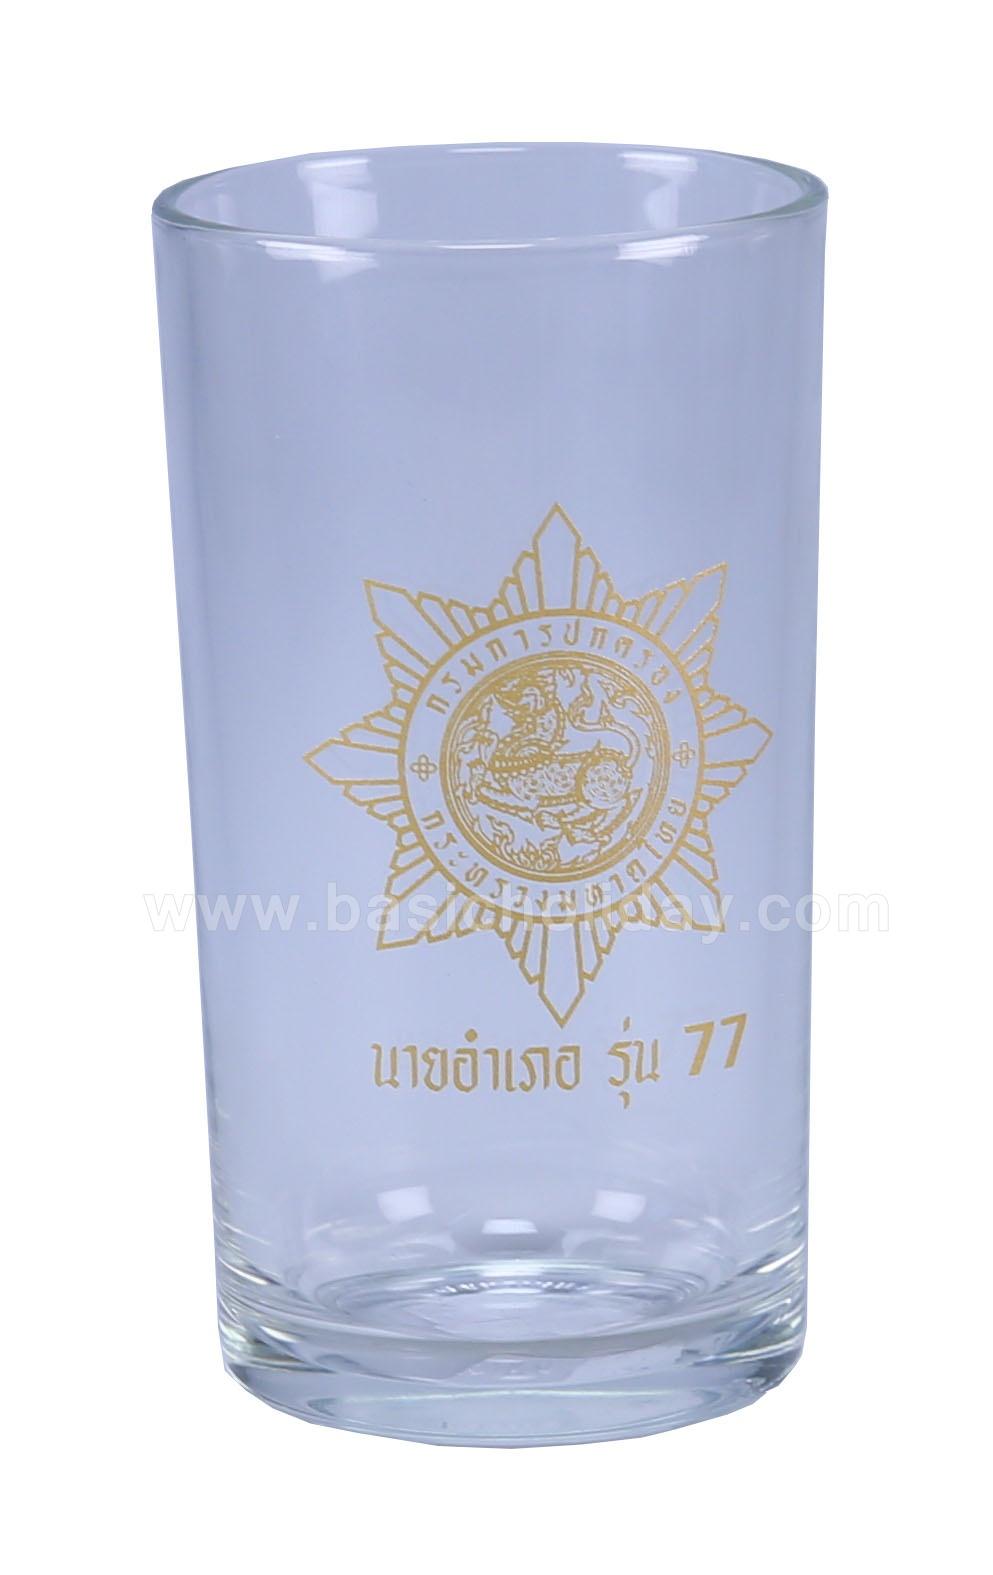 แก้วใส แก้วน้ำใส แก้วน้ำใสมีหู แก้วใสมีหู แก้วน้ำใสสกรีน แก้วน้ำใสพร้อมสกรีน